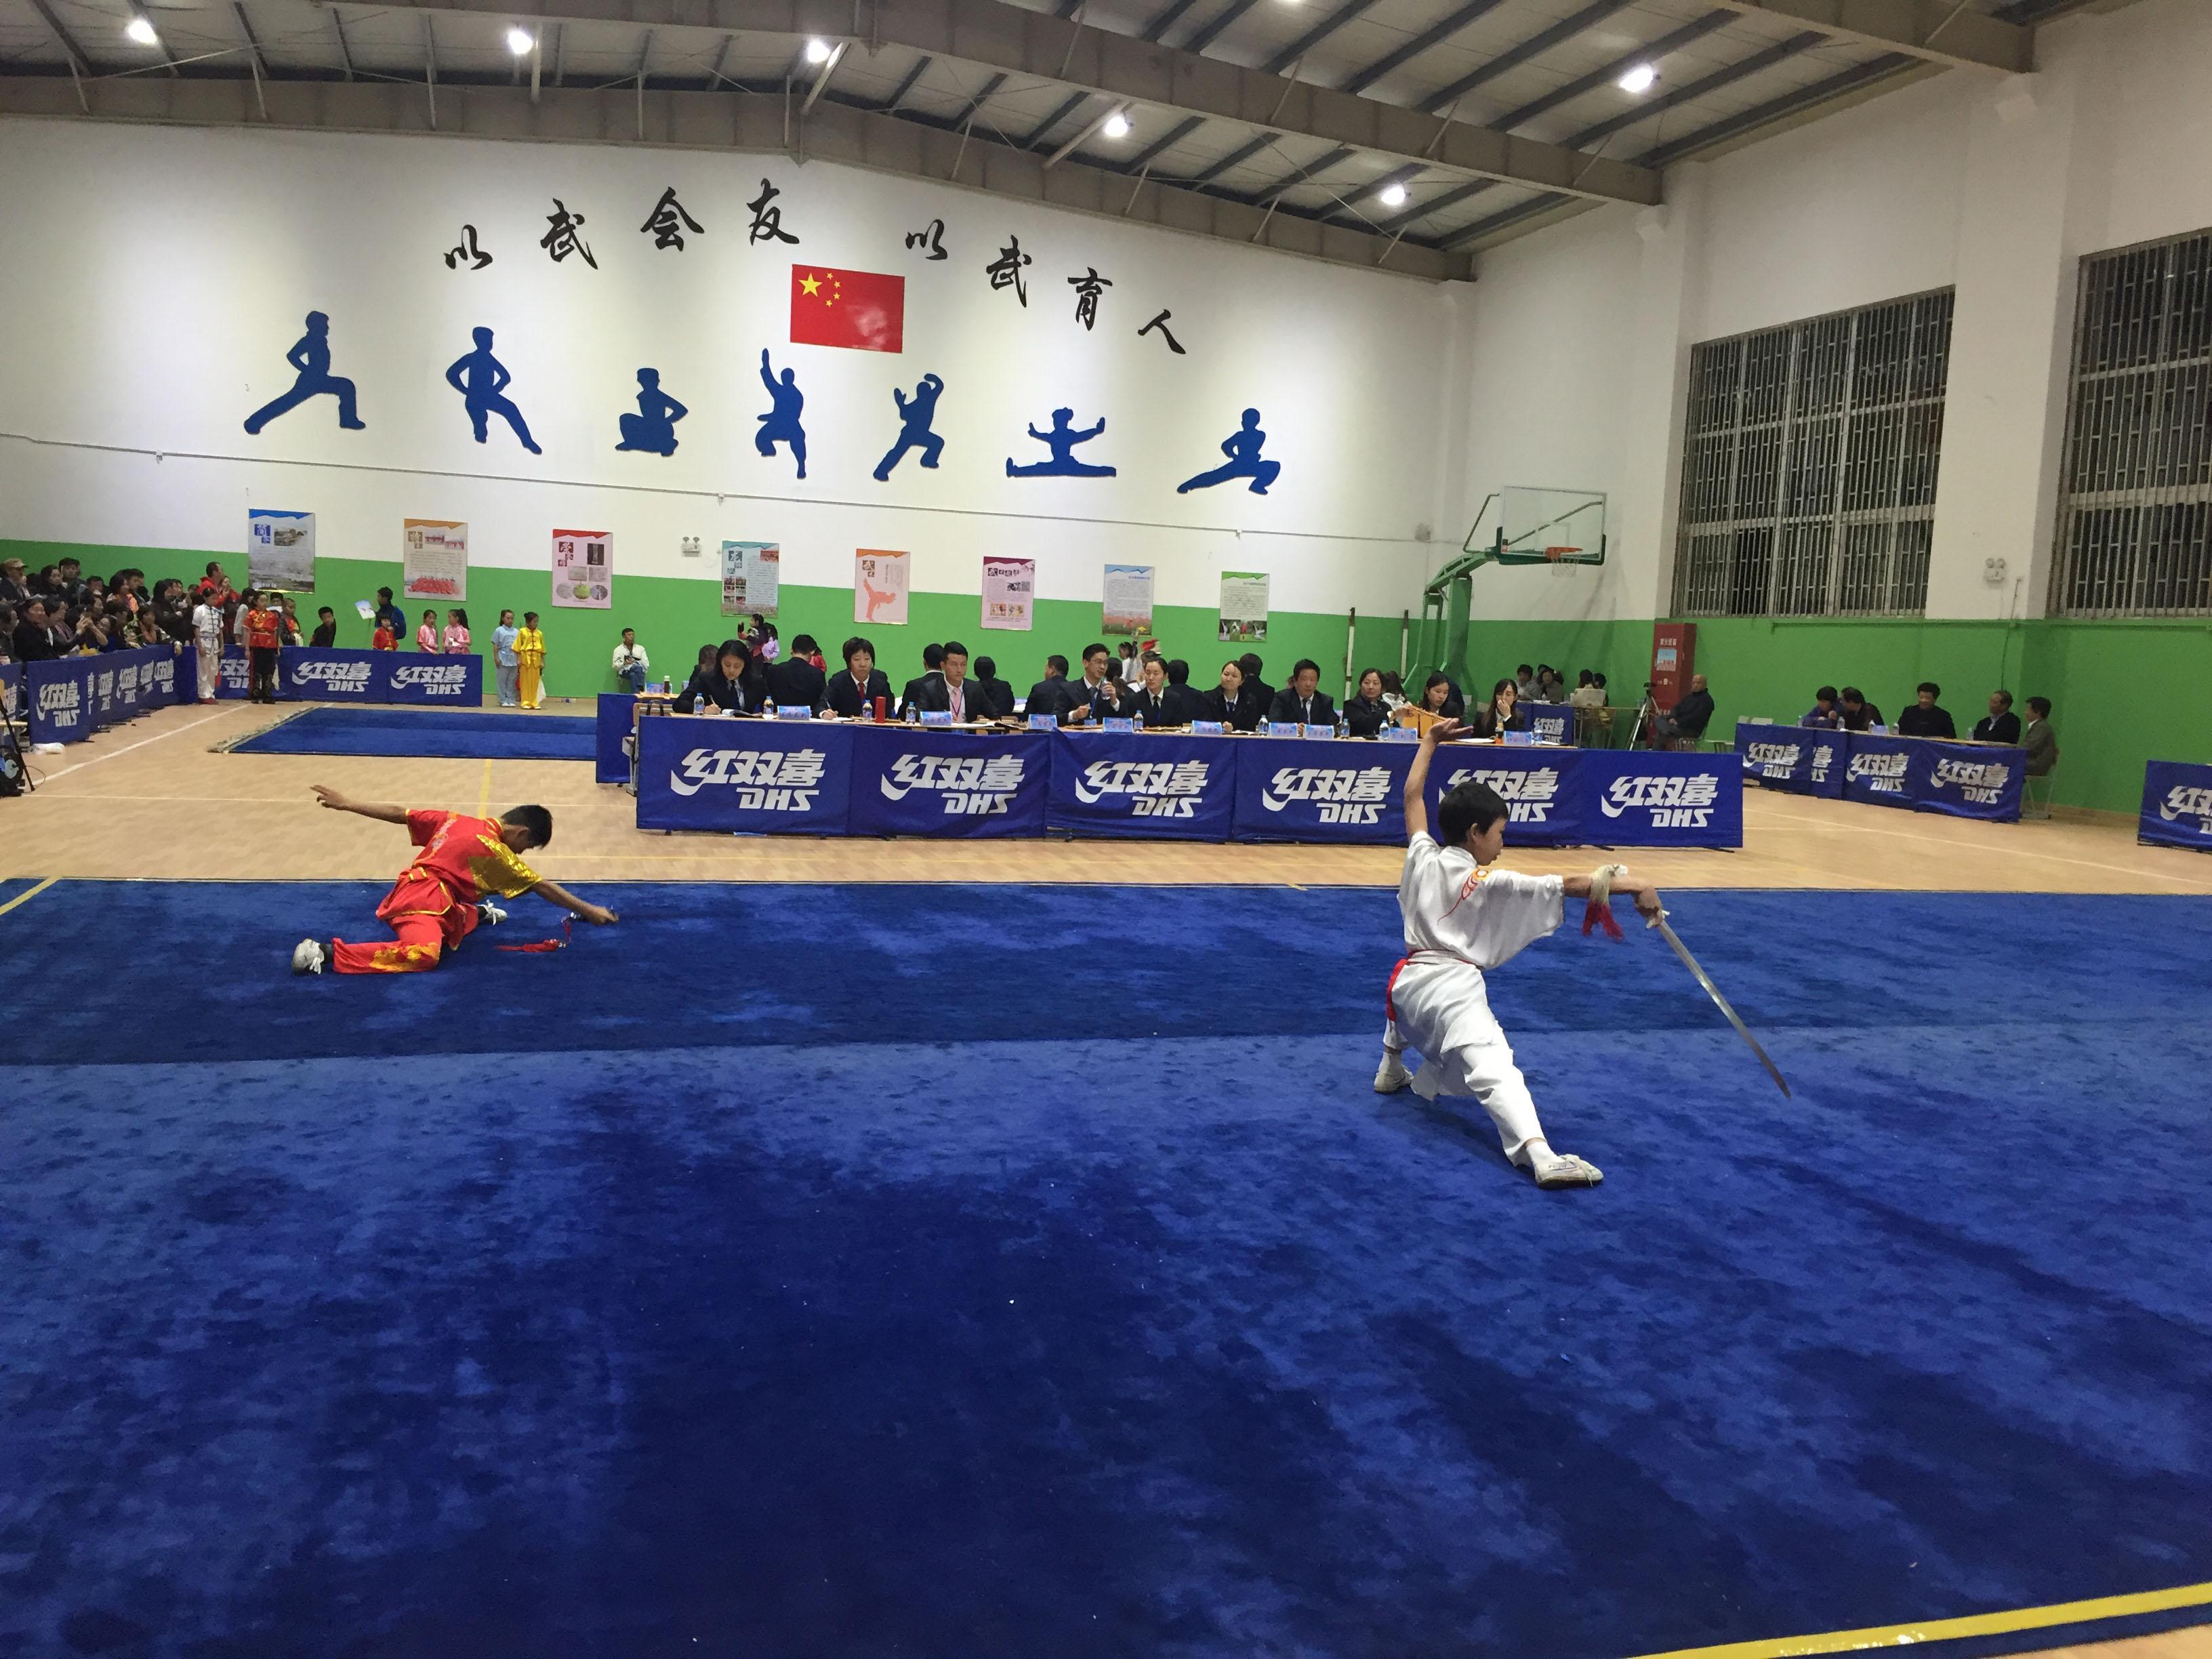 2016年上海市学生运动会武术比赛暨中小学武术套路锦标赛